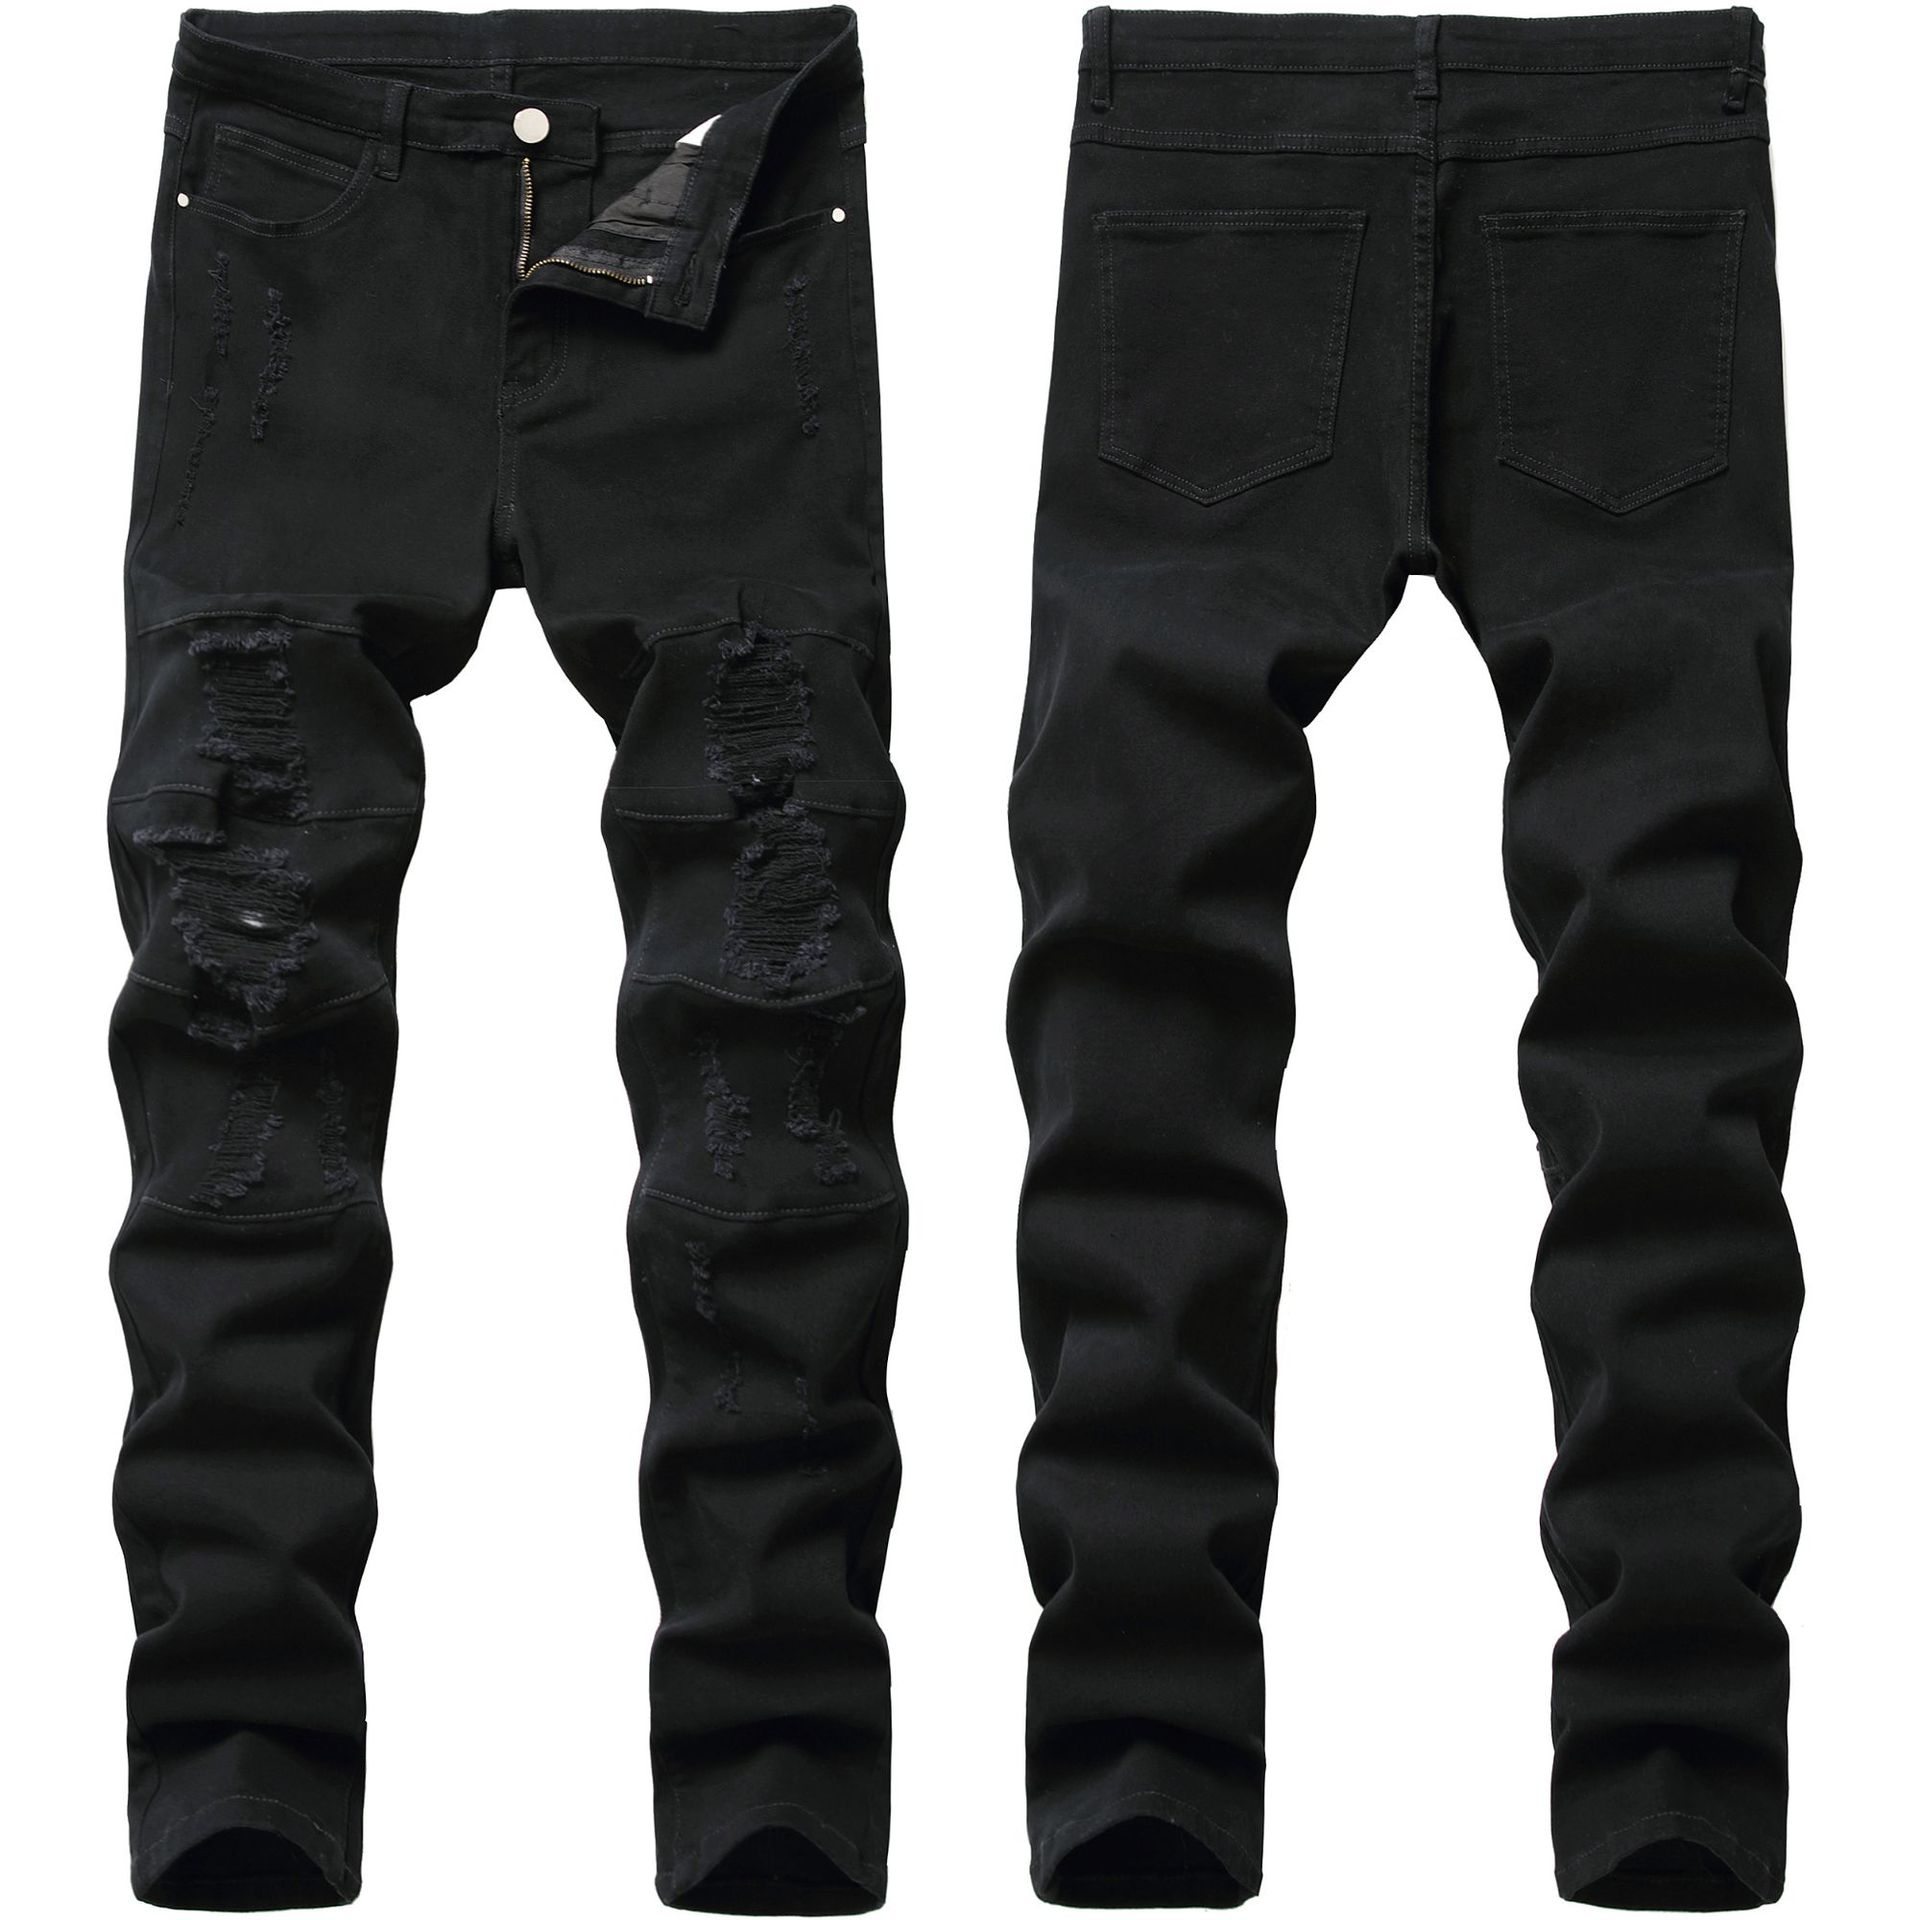 بنطلون جينز أسود للرجال موضة ملابس الشارع الشهير بفتحات مغسولة بنطلون دينم للرجال موضة 2020 جينز ممزق ضيق مستقيم للرجال